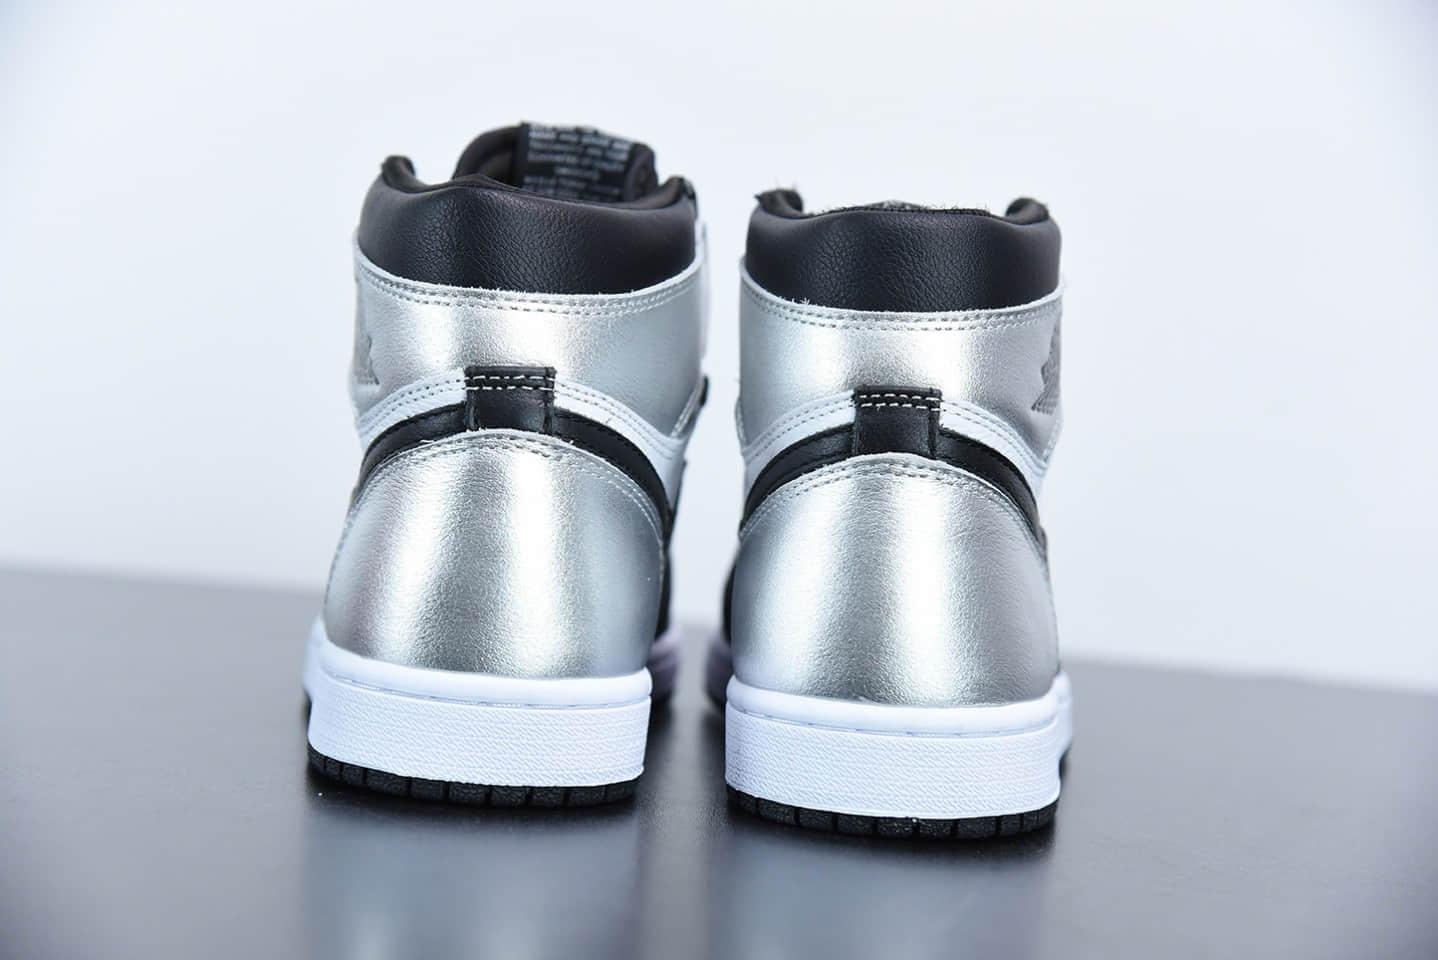 乔丹AirJordan 1 Retro Metallic Silver 黑银配色高帮运动板鞋纯原版本 货号:CD0461-001